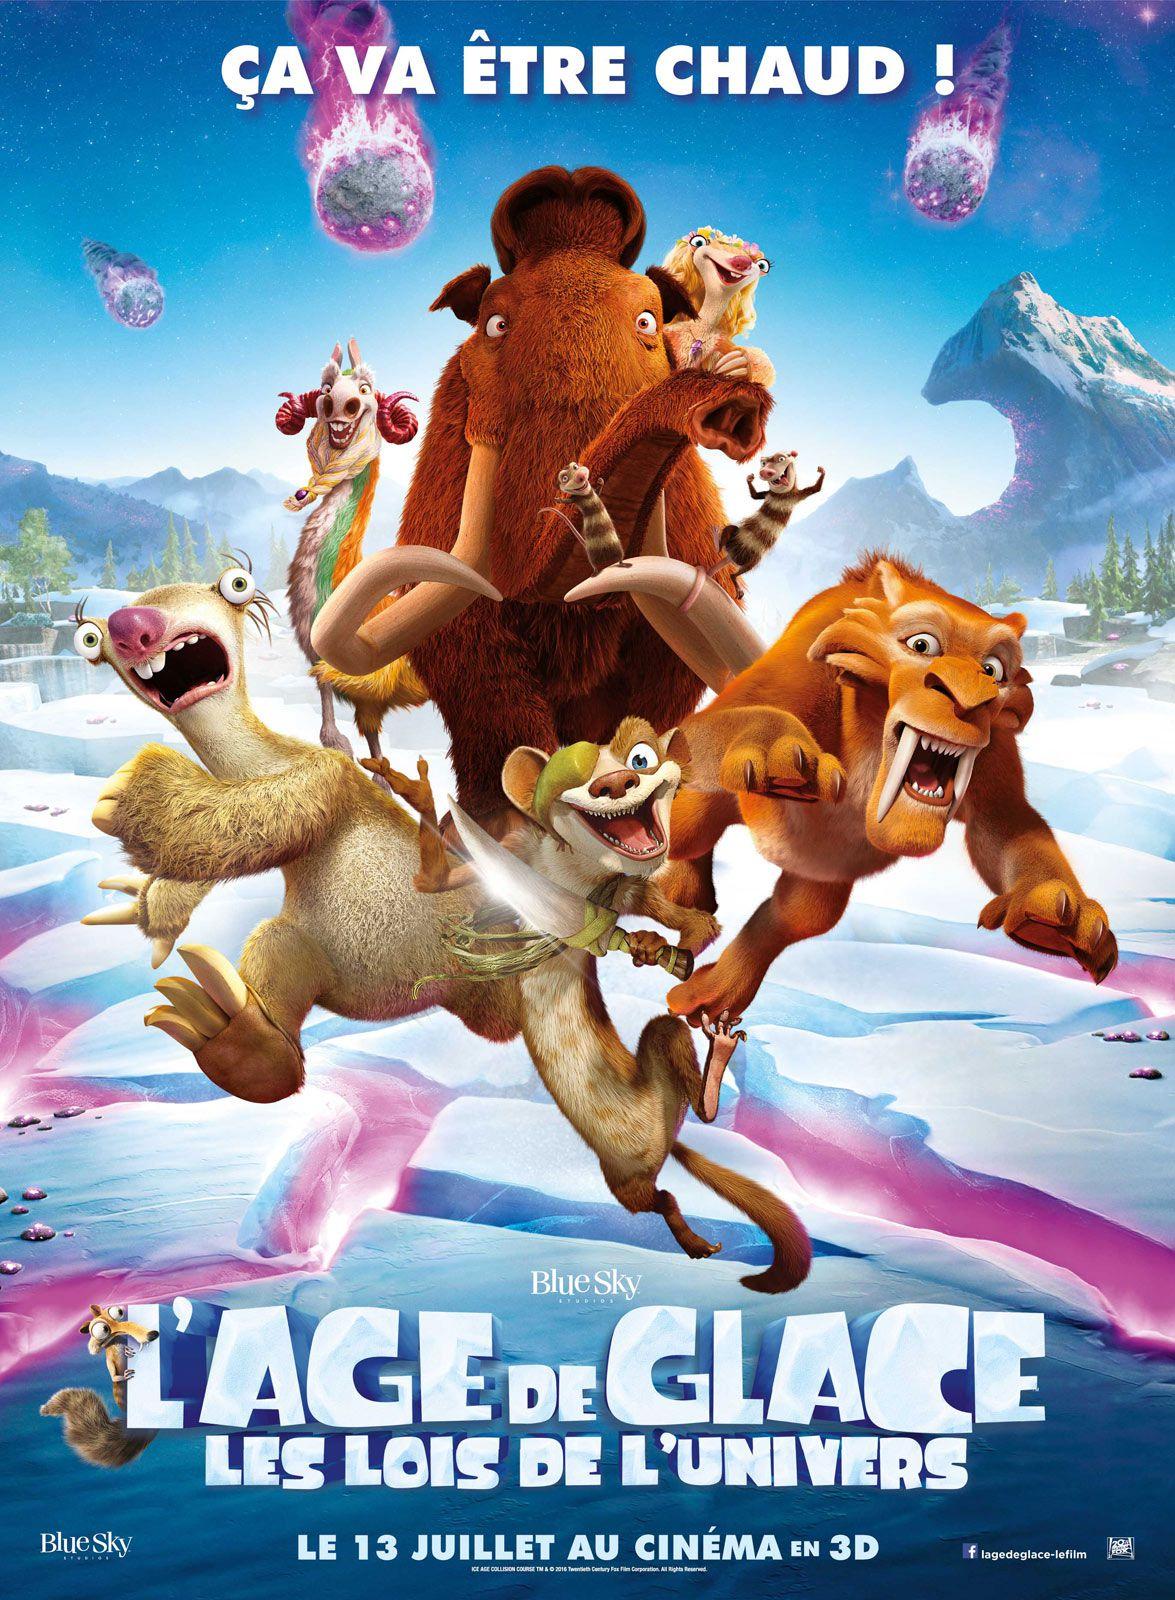 L'Âge de glace : Les Lois de l'univers - Long-métrage d'animation (2016)